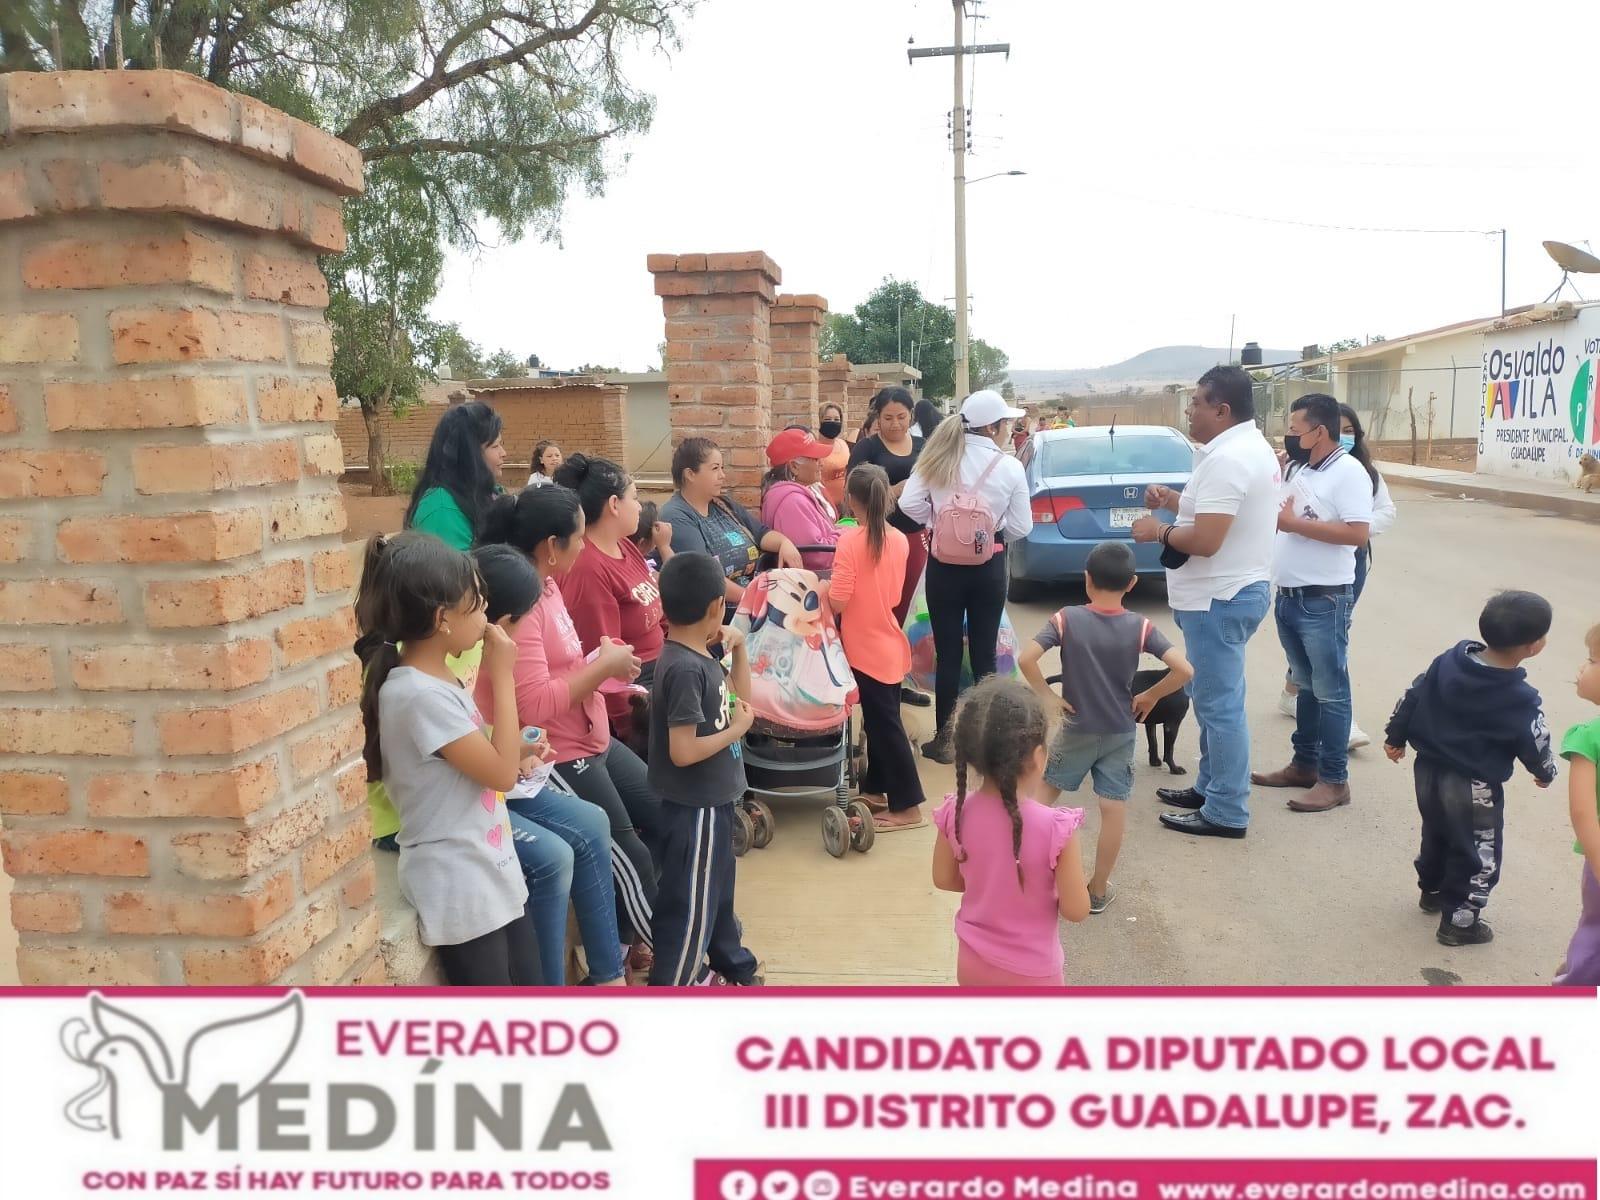 Medina Foto,Medina está en tendencia en Twitter - Los tweets más populares